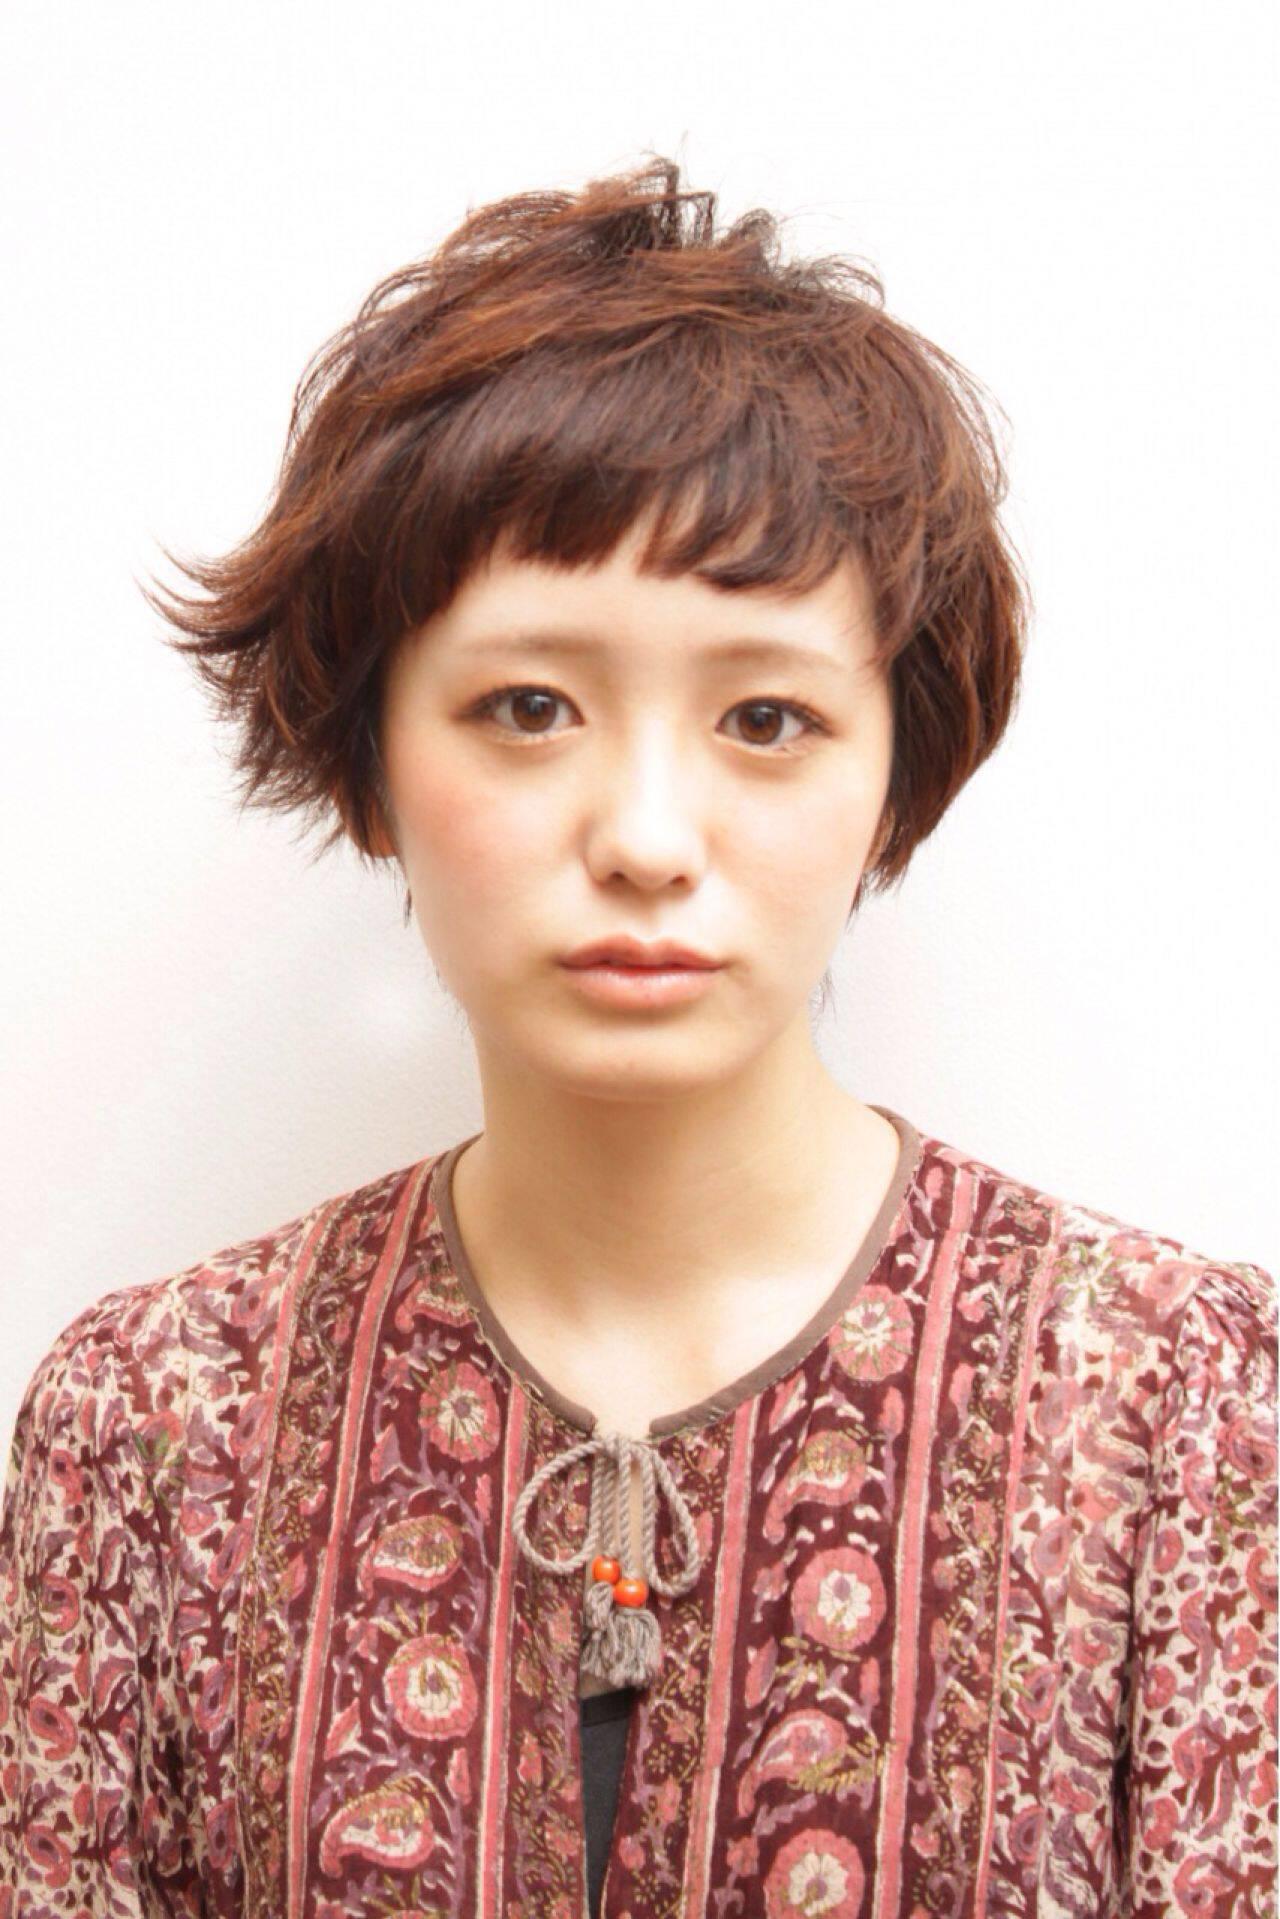 ガーリー ナチュラル ショート アシメバングヘアスタイルや髪型の写真・画像